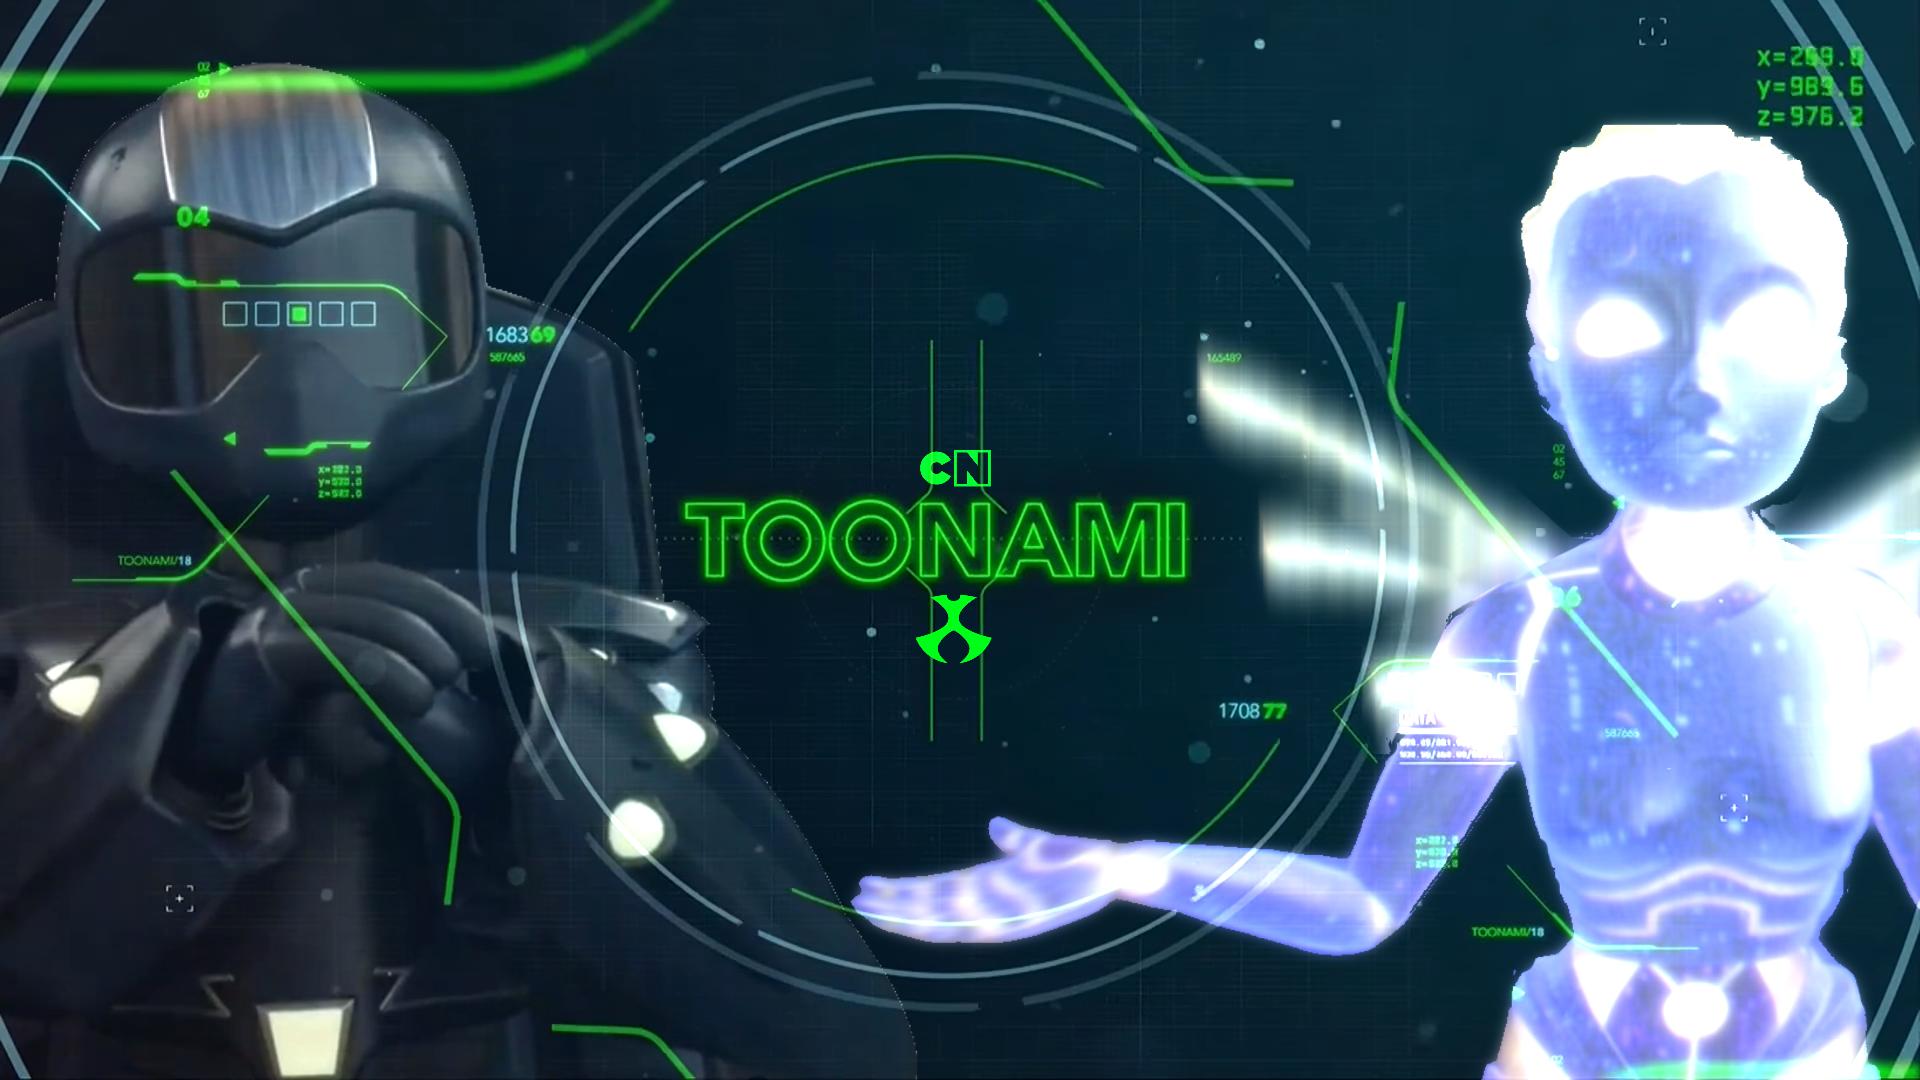 Atualizações sobre o Toonami (aparentemente)